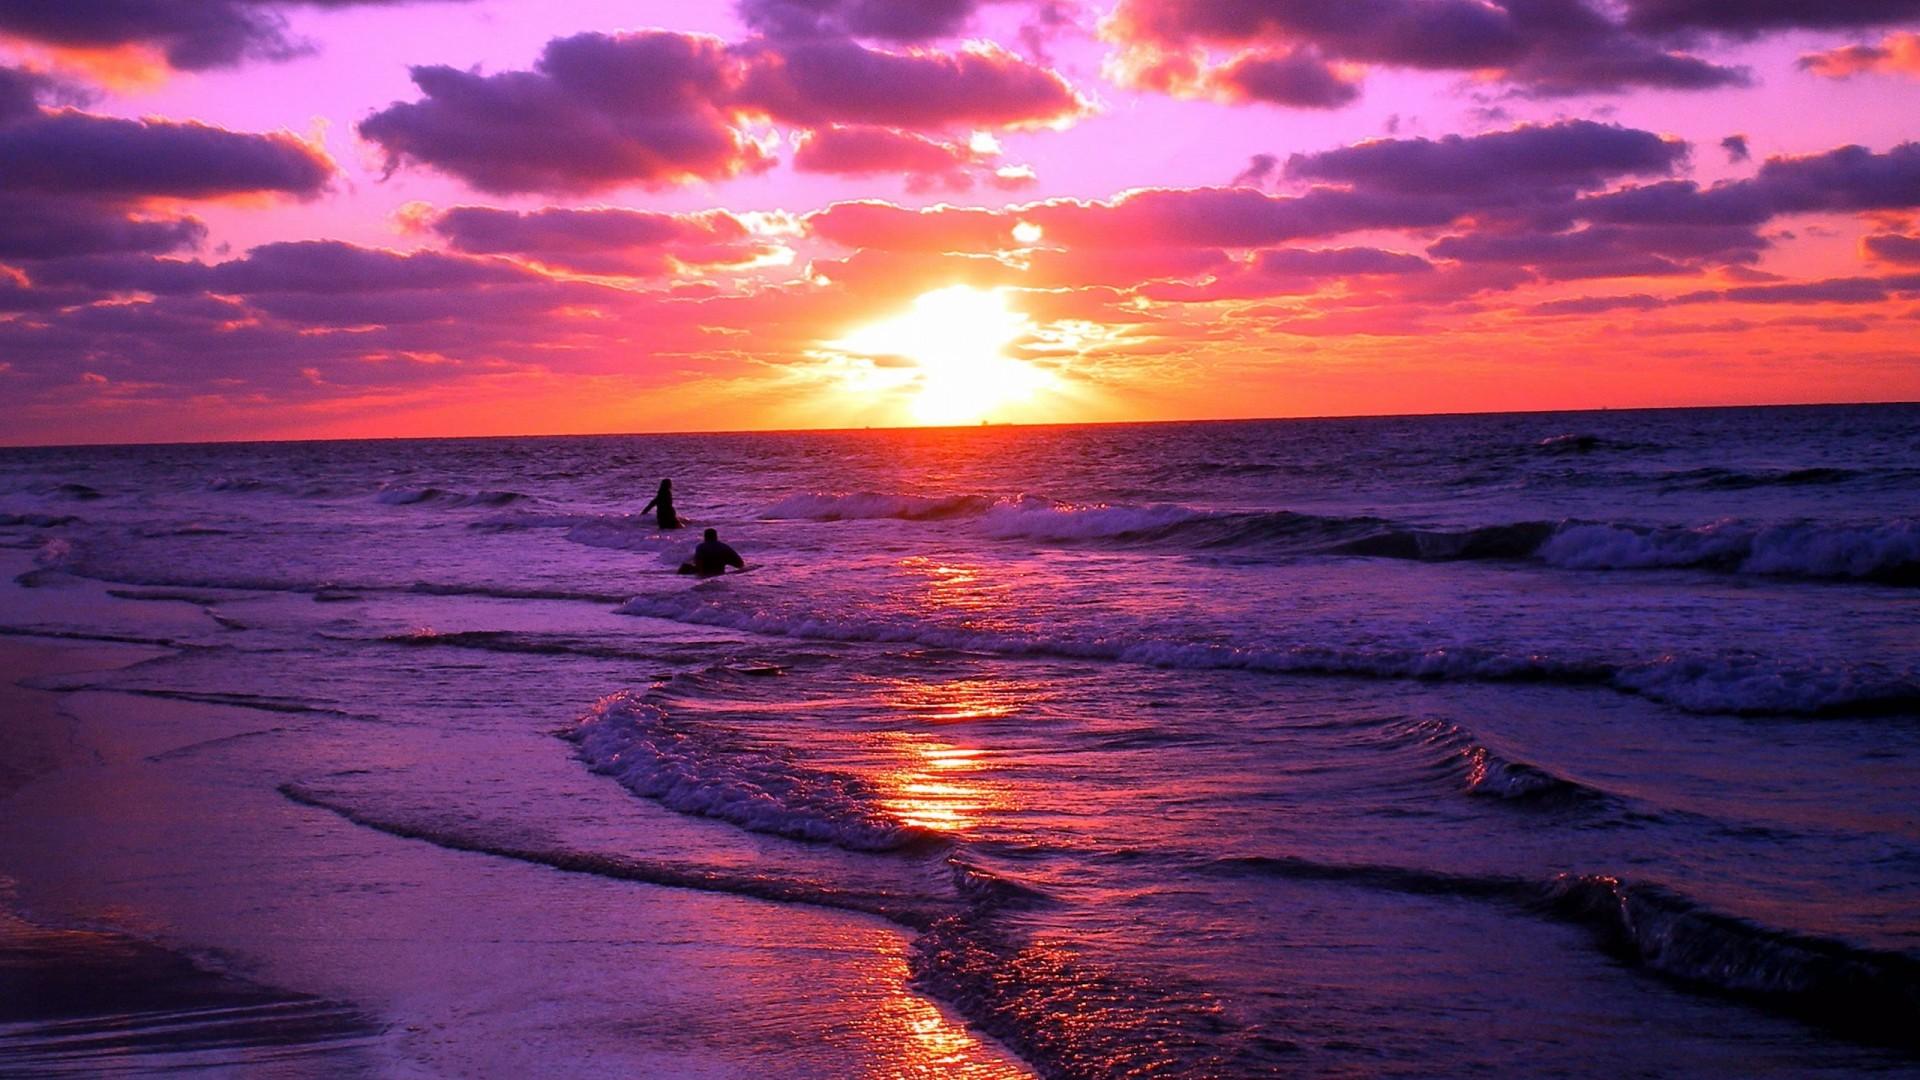 1920x1200 Sunset Beach Wallpaper Wide